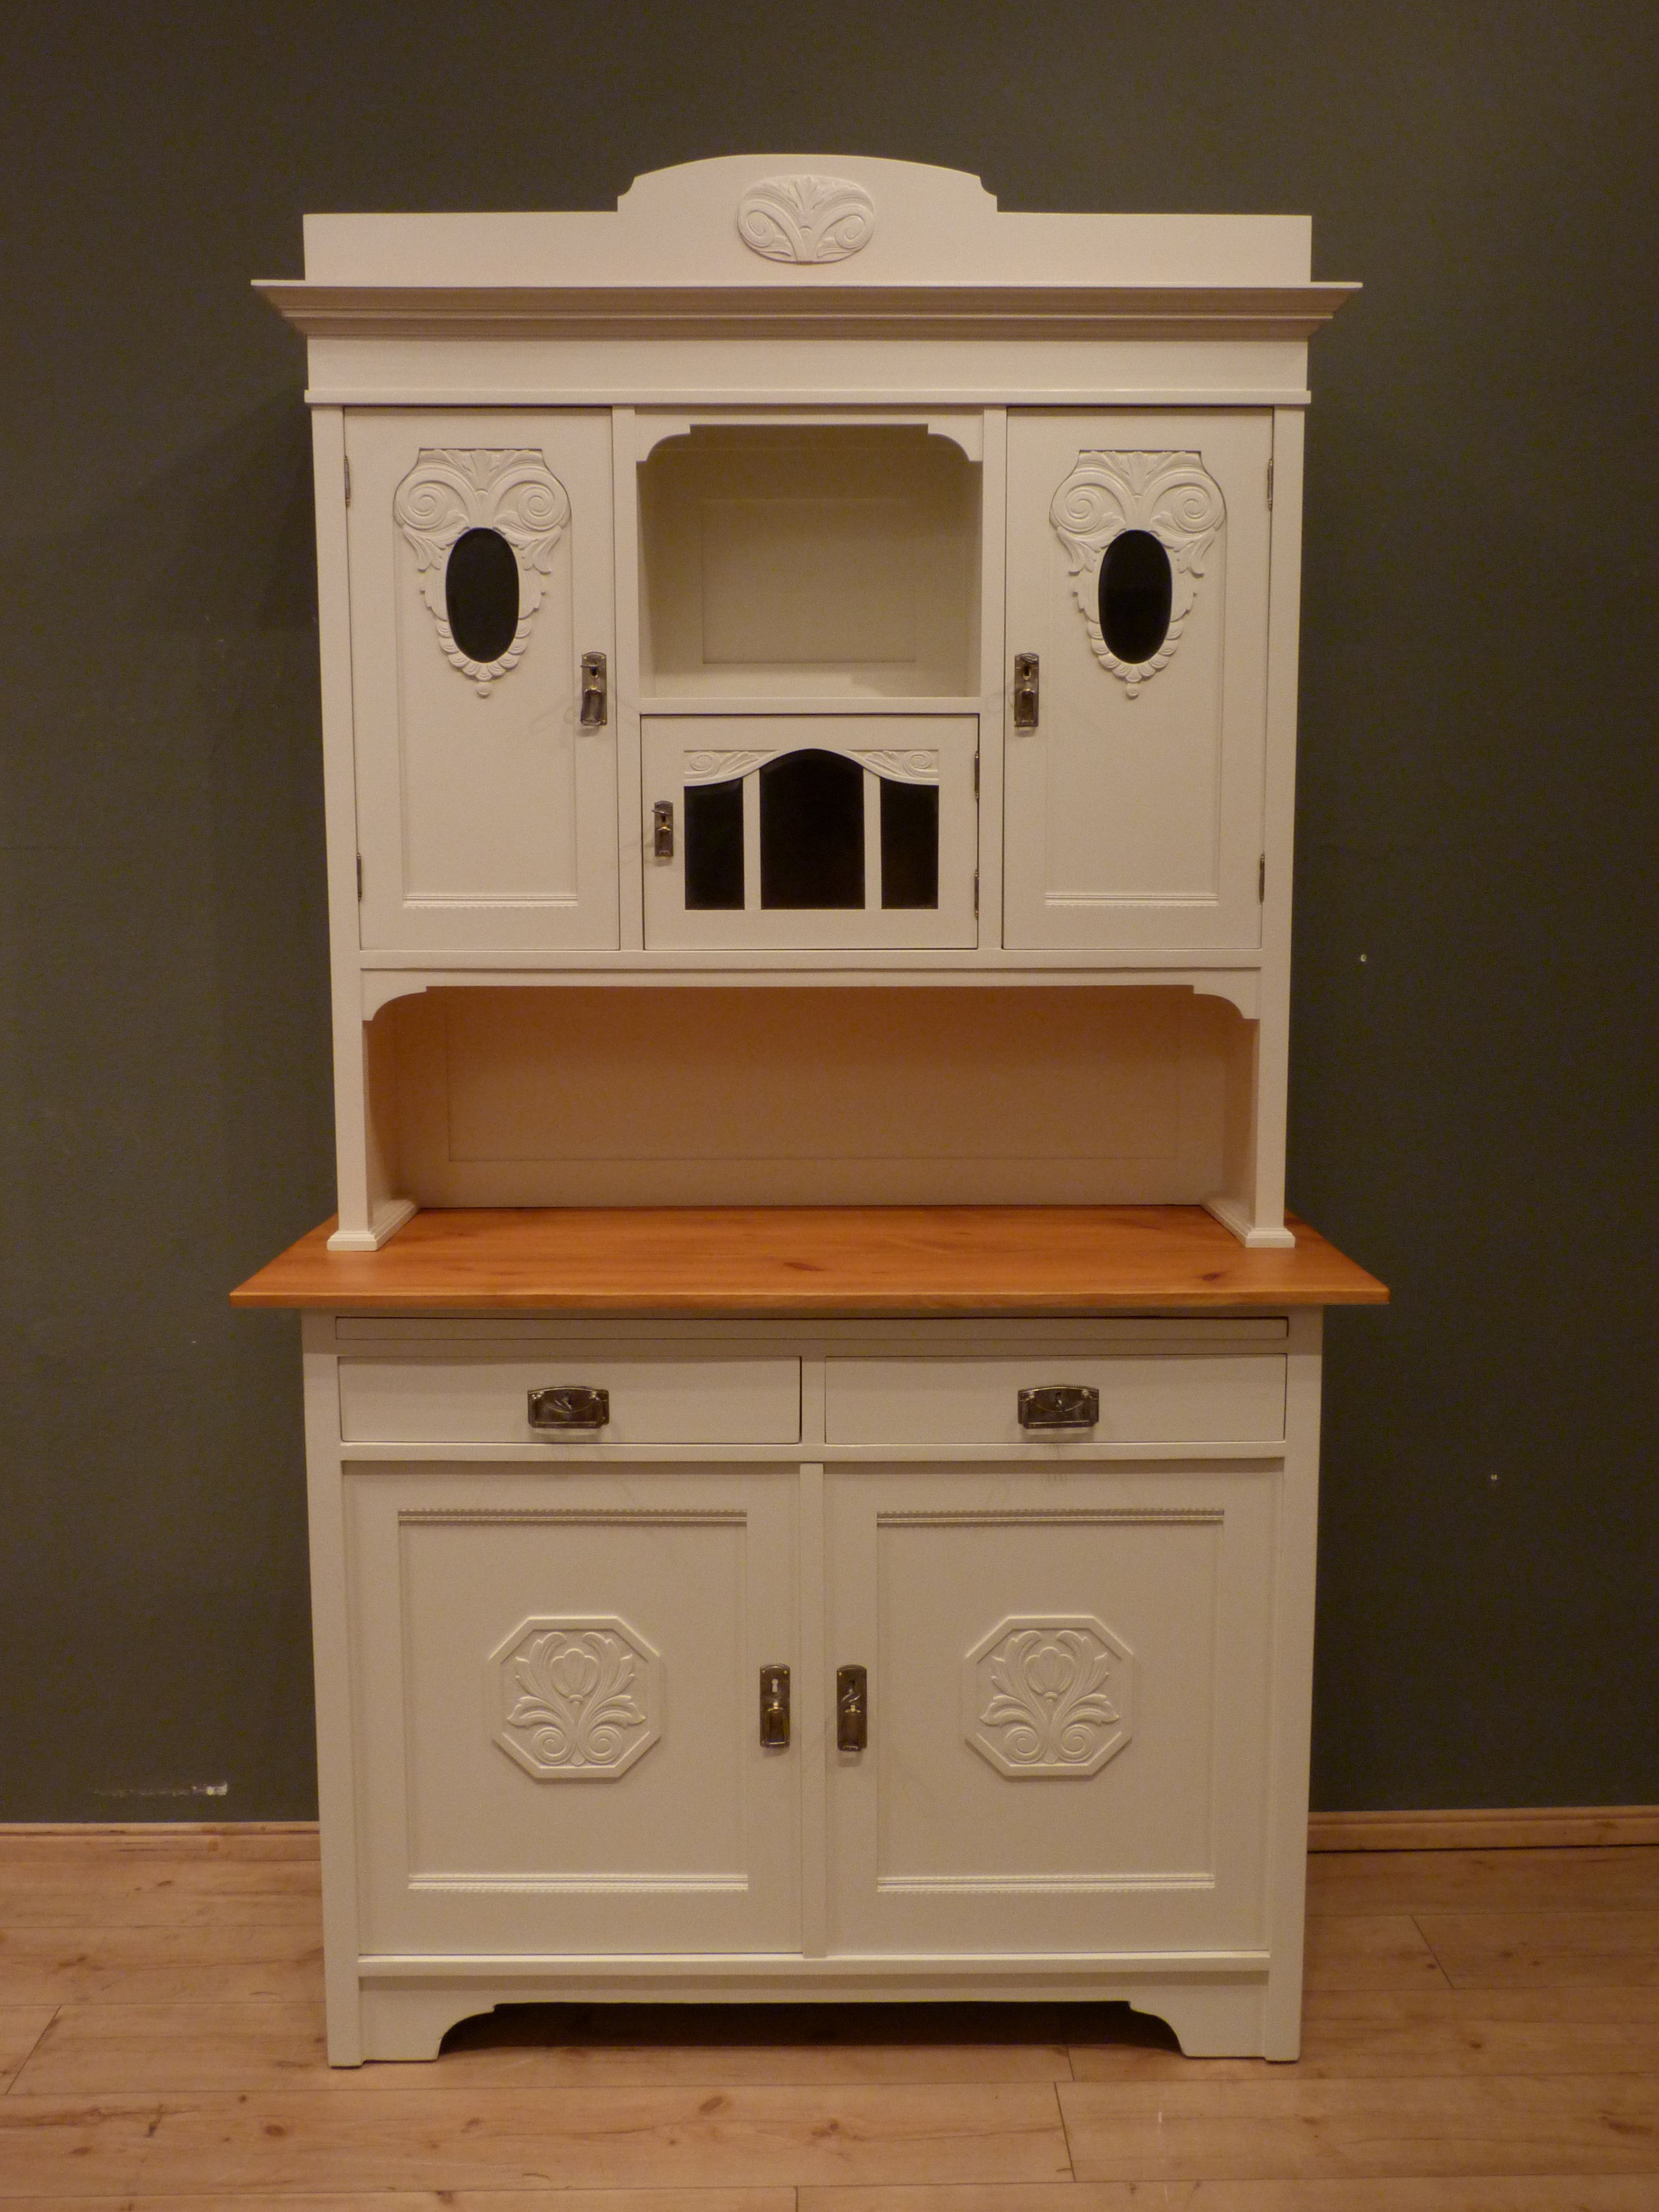 jugendstil k chenschrank eiche wei lasiert um 1910 antike m bel antique furniture. Black Bedroom Furniture Sets. Home Design Ideas